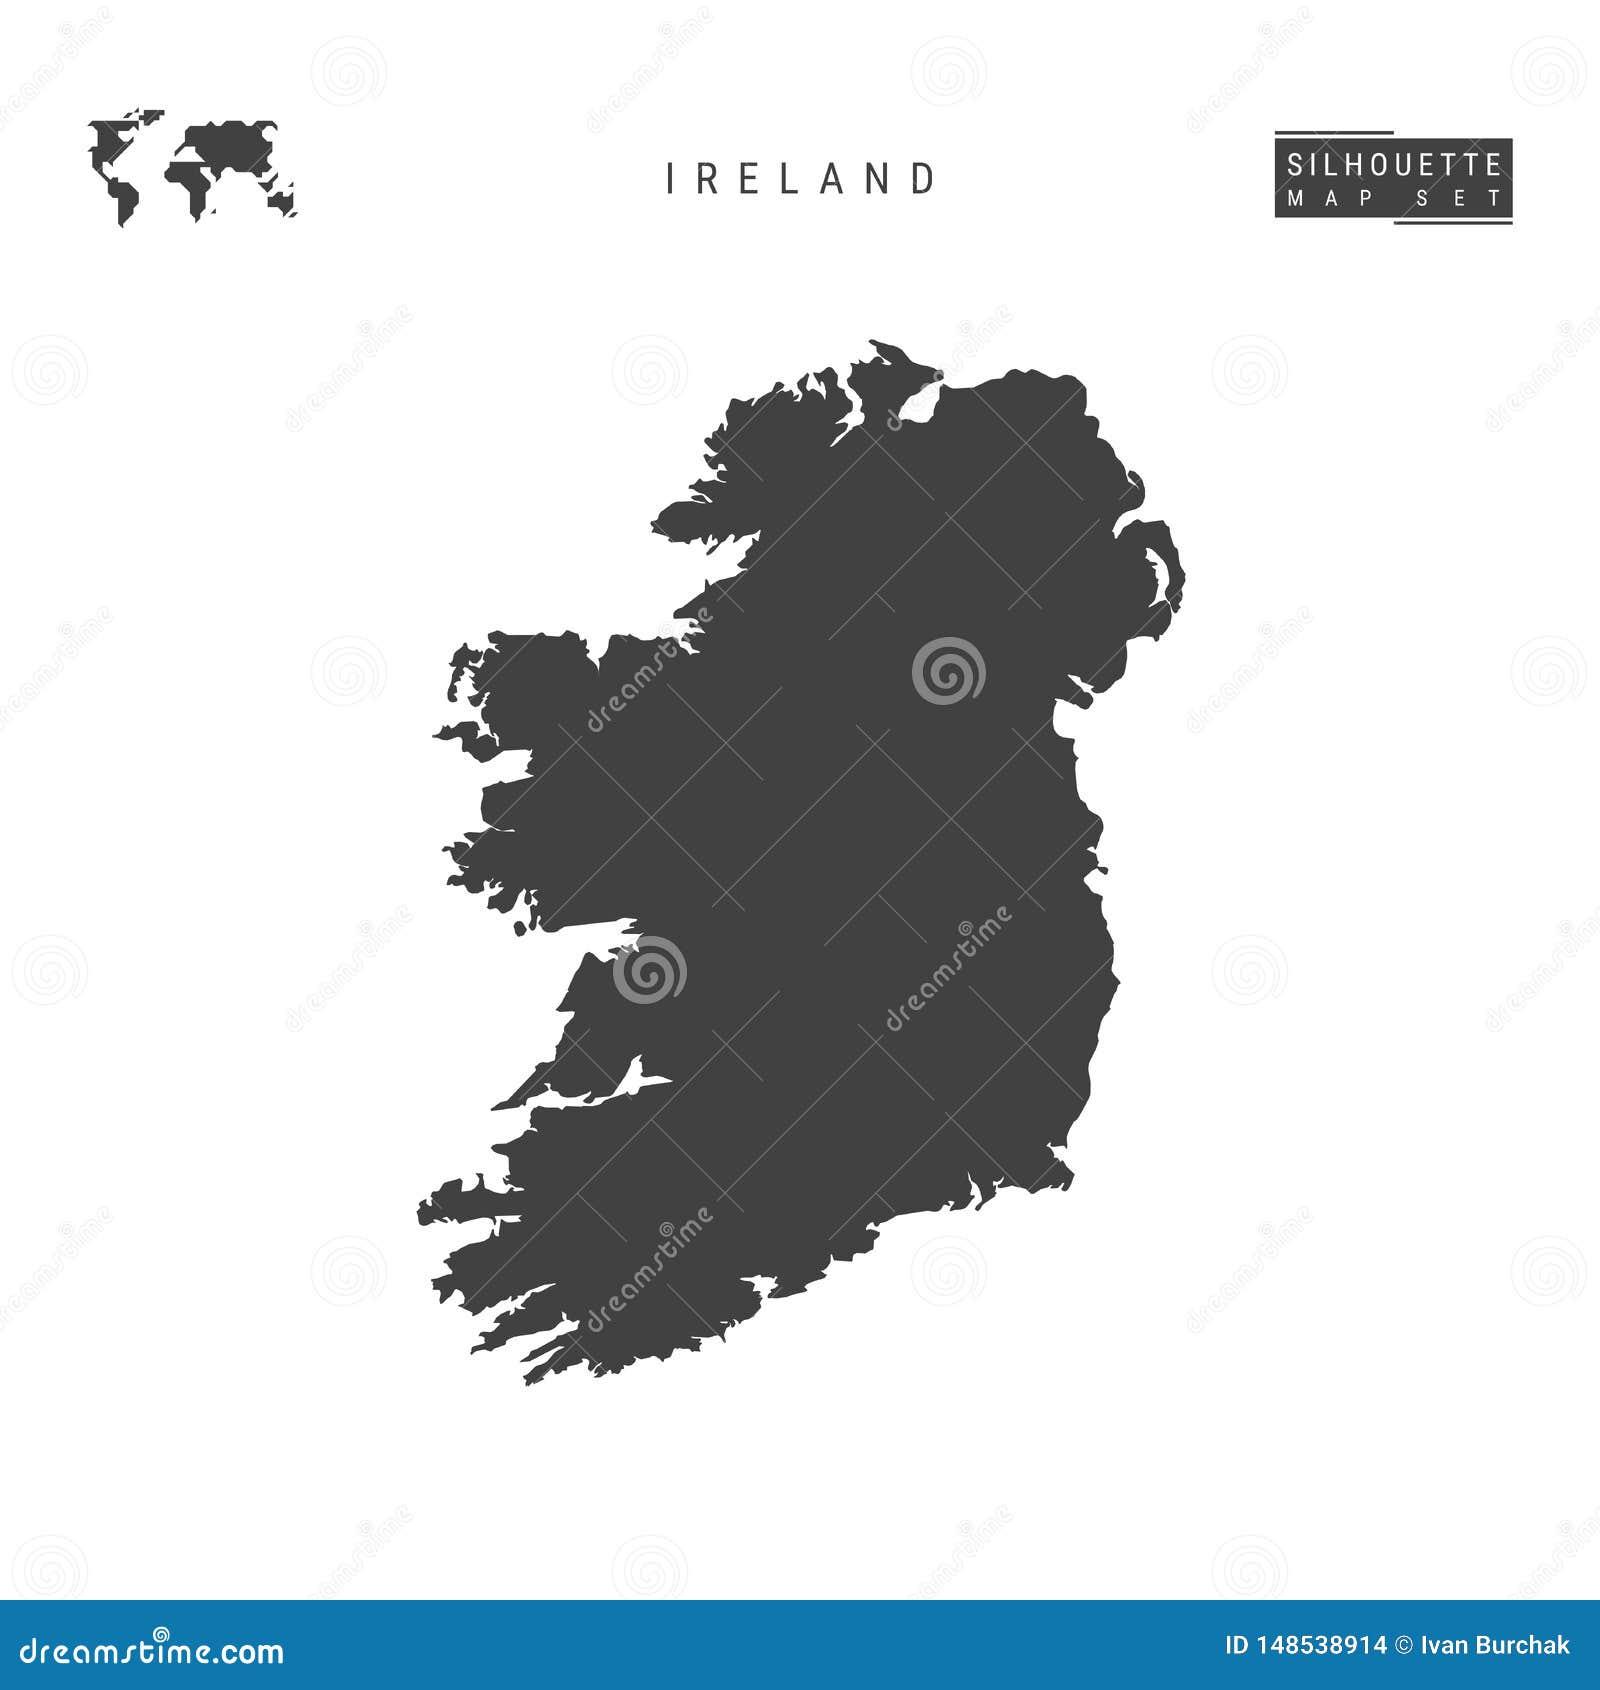 Irland-Vektorkarte lokalisiert auf wei?em Hintergrund Hoch-ausführliche schwarze Schattenbild-Karte von Irland